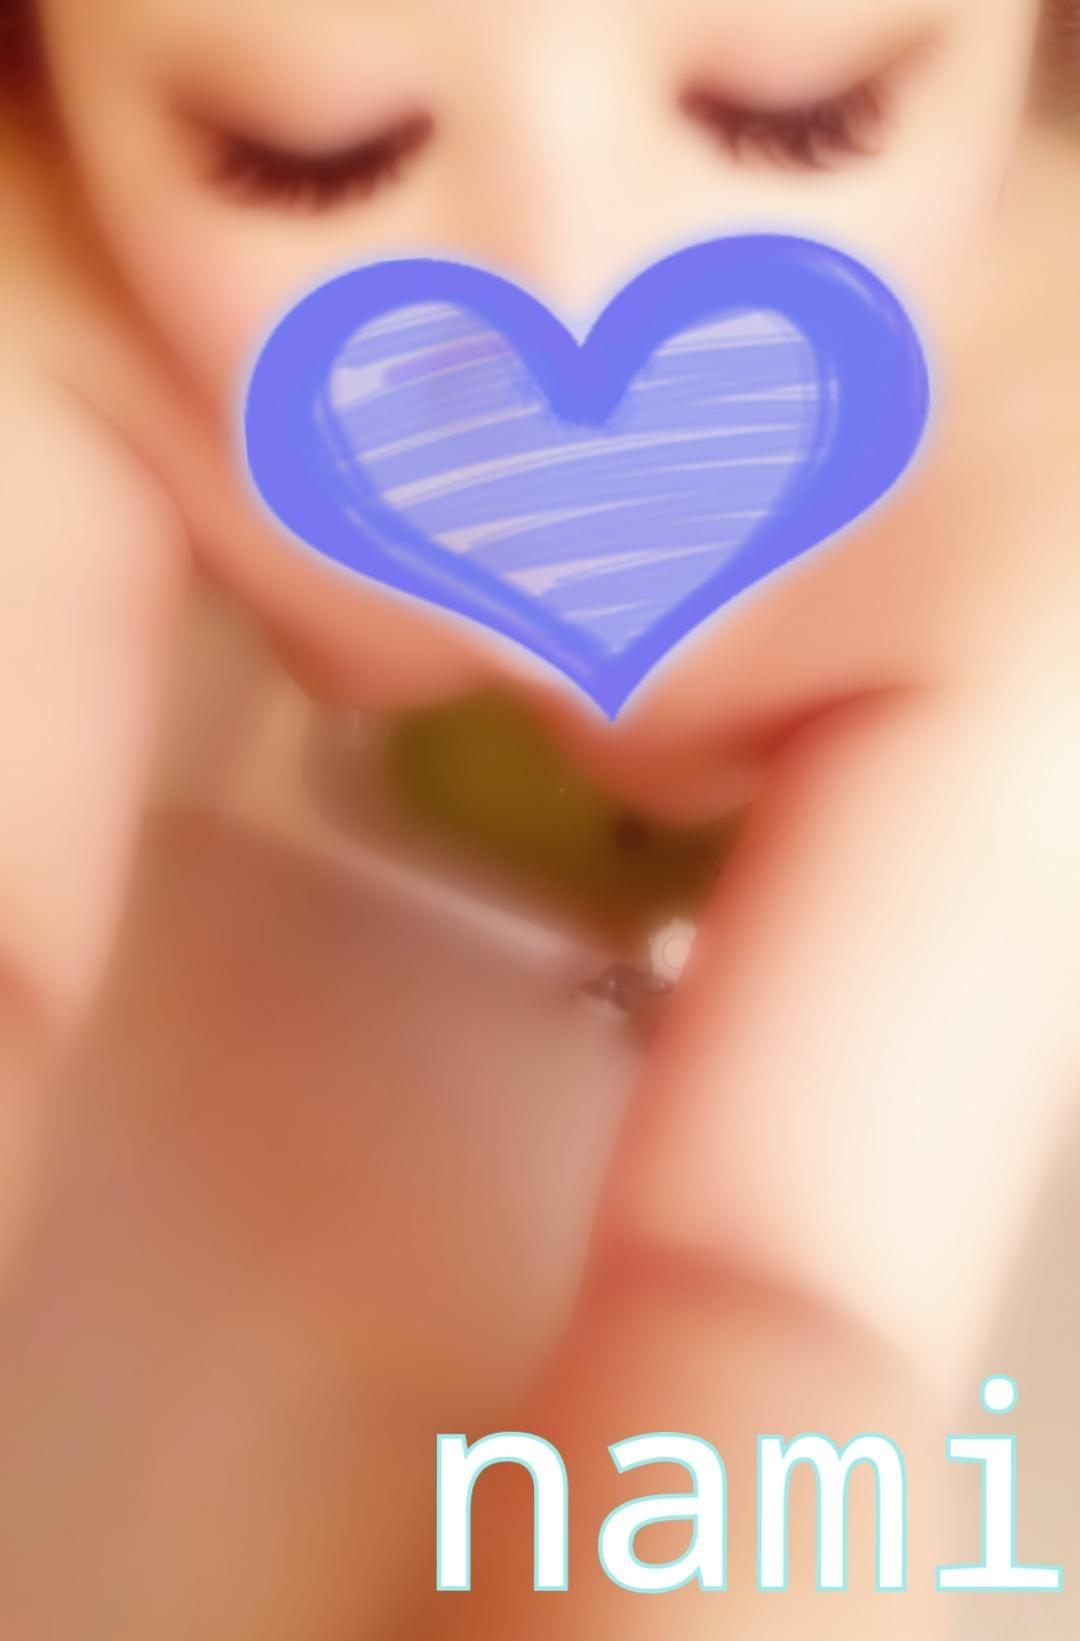 「梅雨明け宣言??ヽ(・∀・)ノ」07/25(木) 12:16 | なみ☆新人の写メ・風俗動画